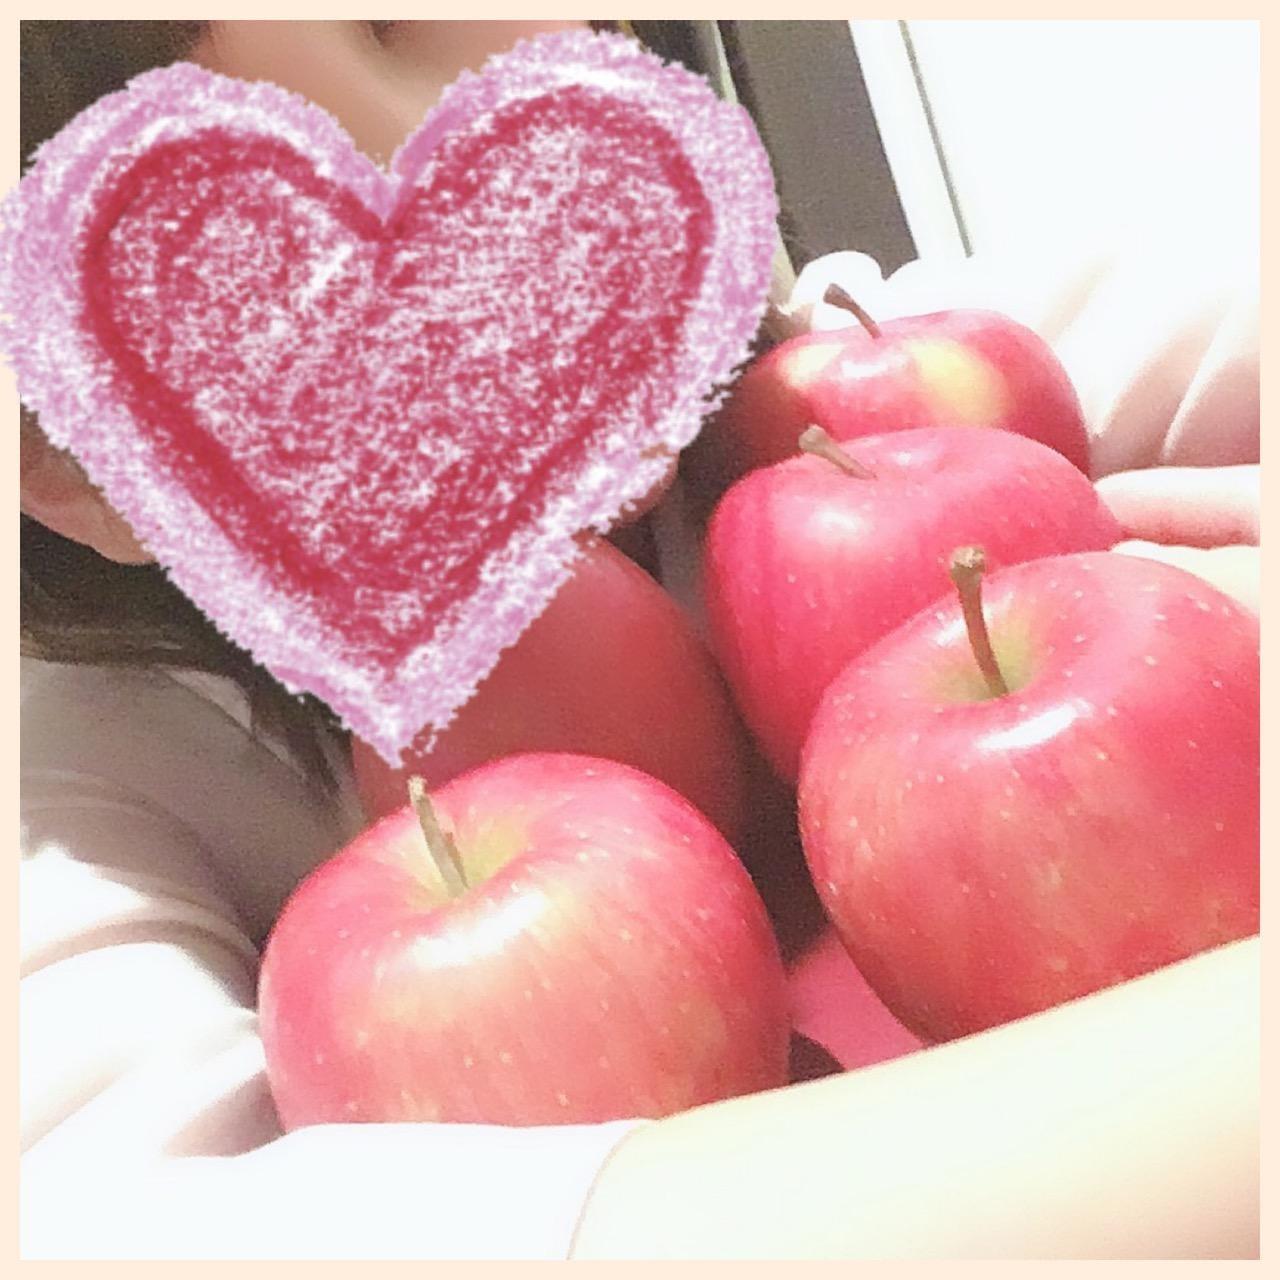 「りんご!」11/15(木) 22:28 | かなの写メ・風俗動画